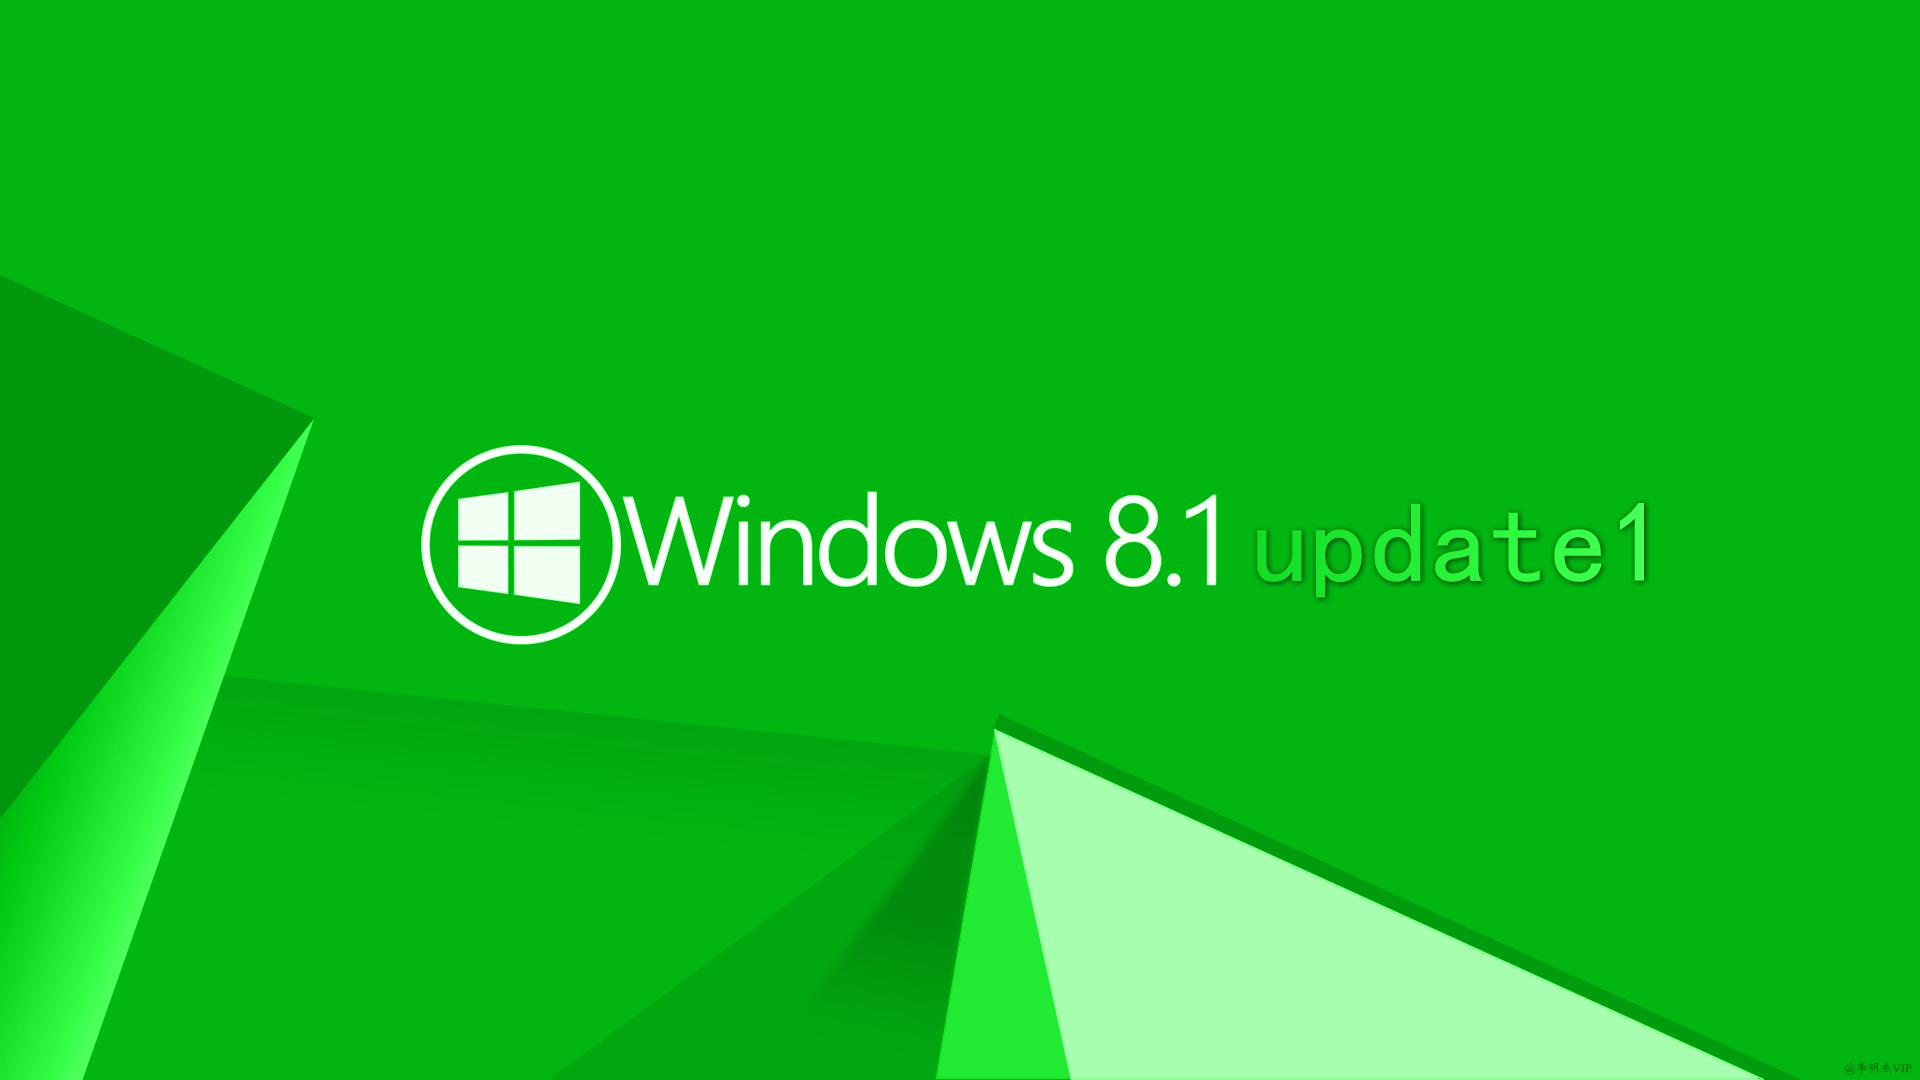 2015梅西头像高清_windows 8.1 update 1图片